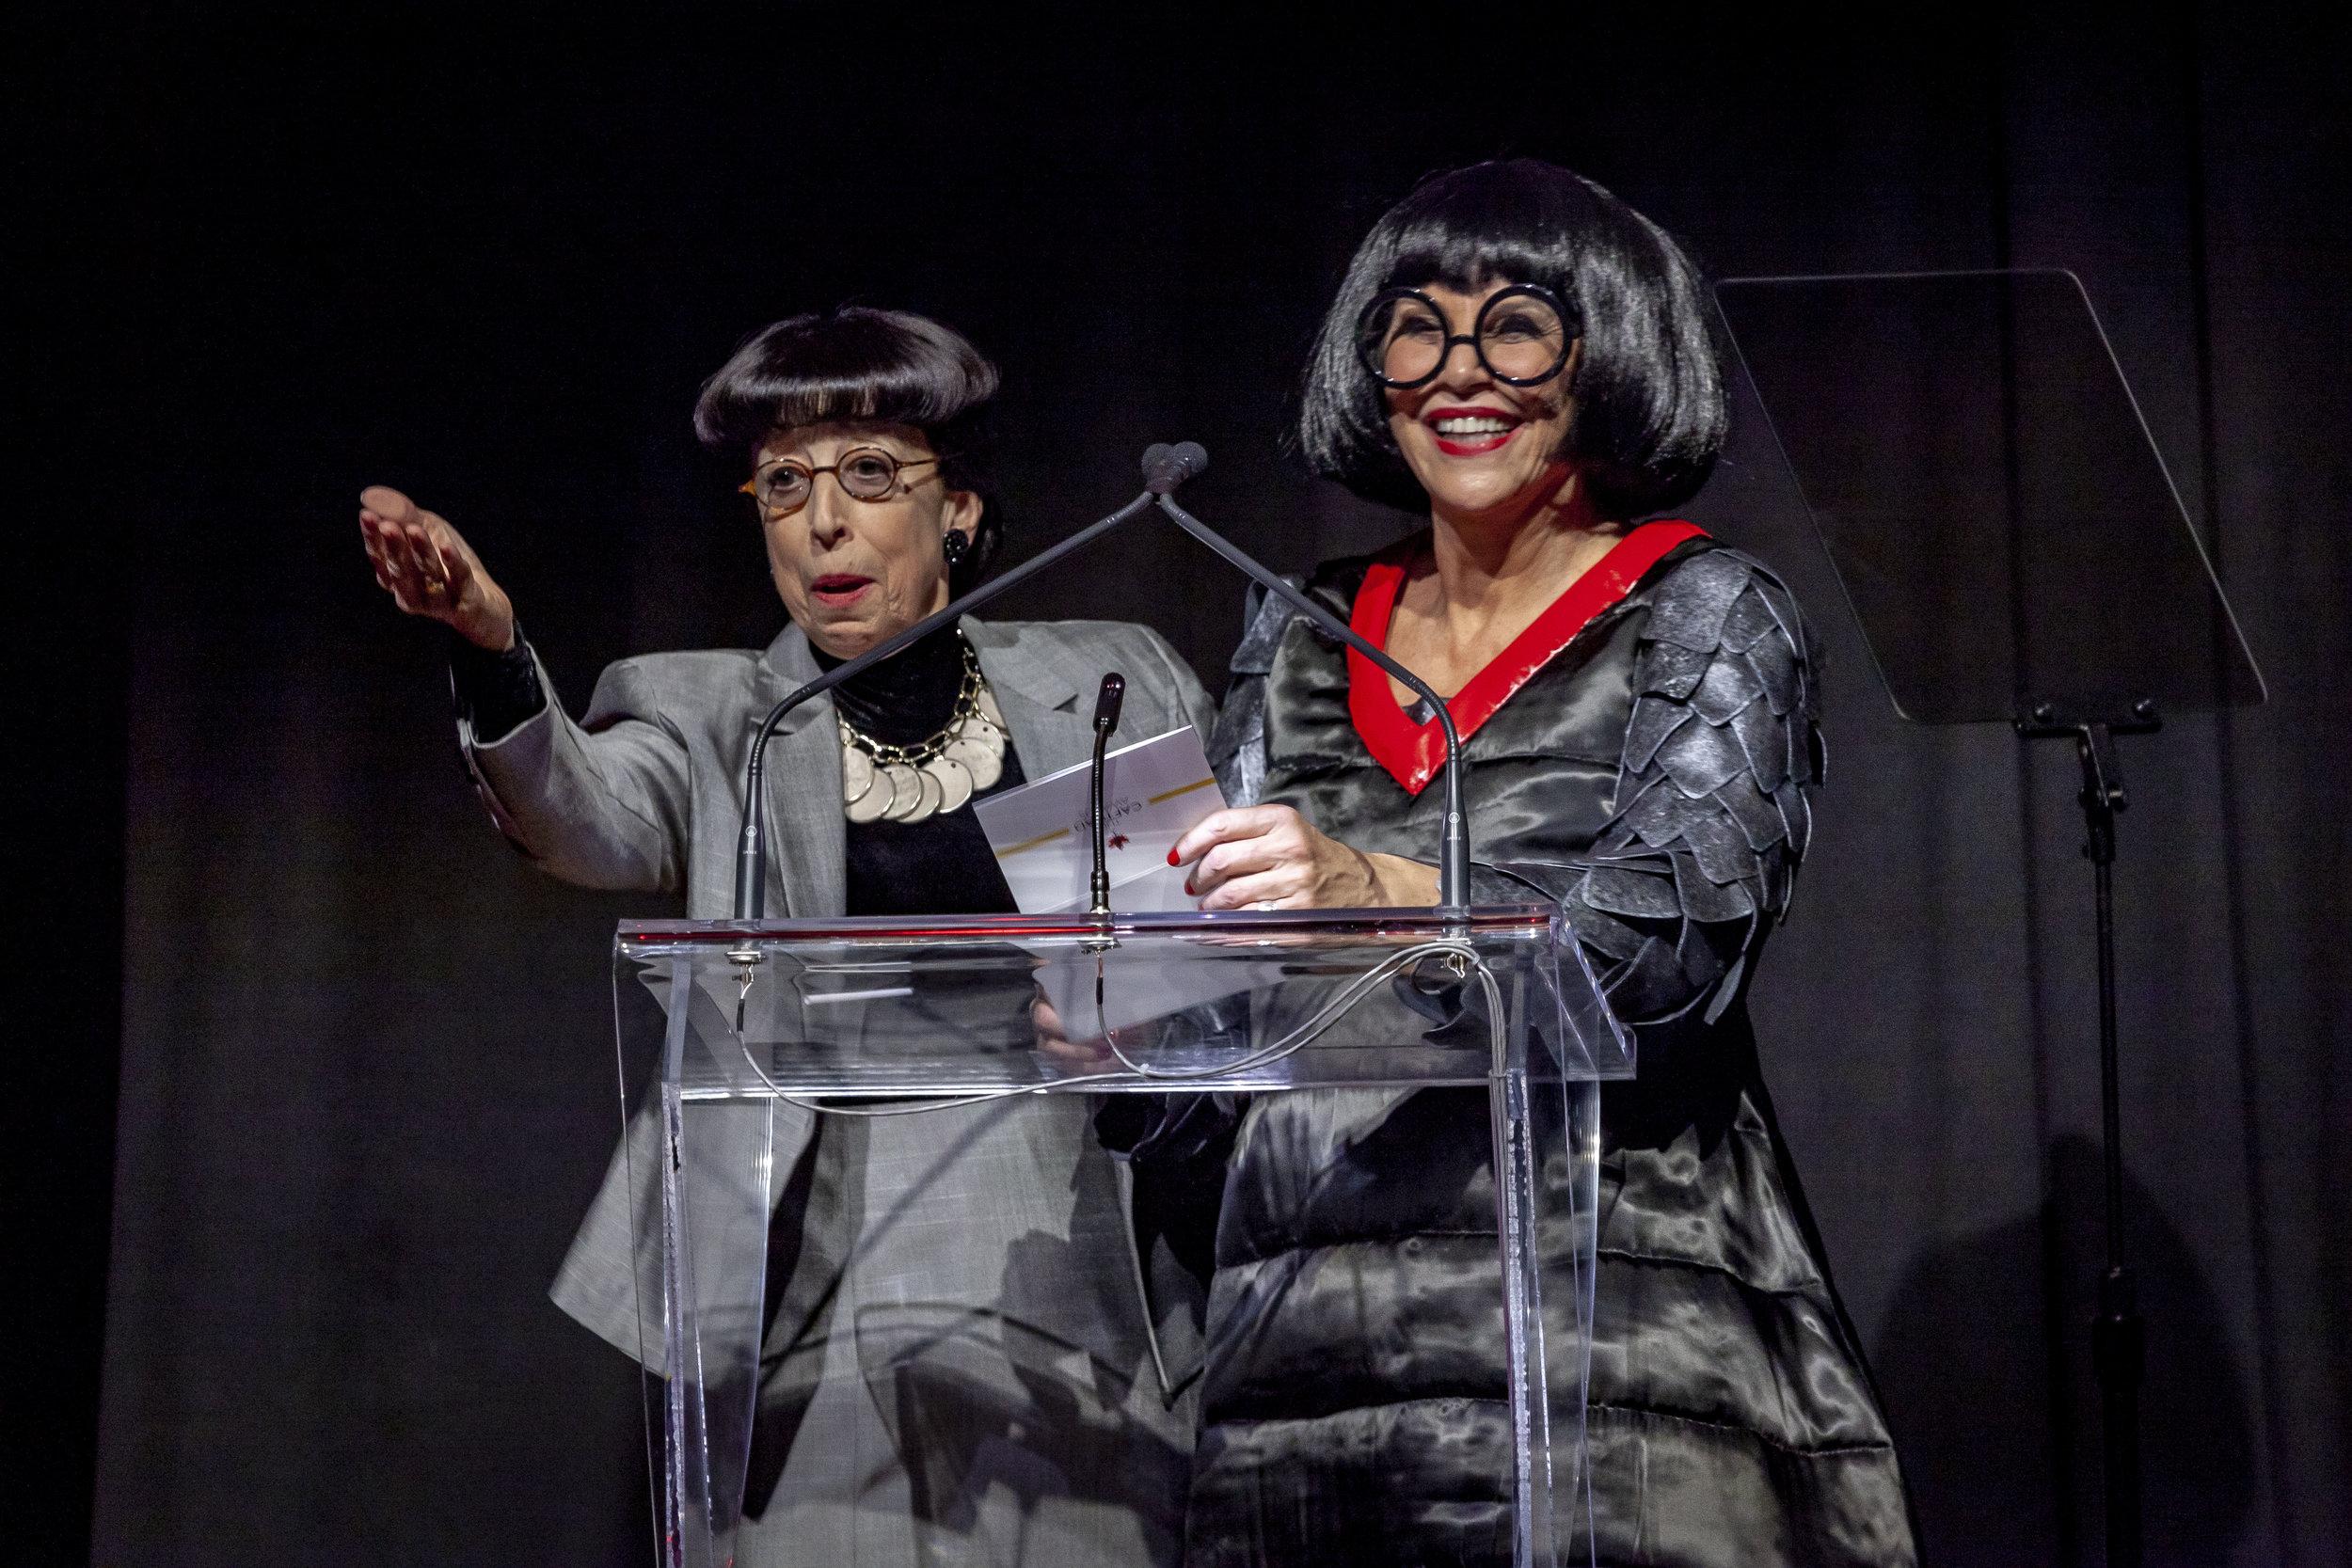 Susan Claassen as Edith Head and Cynthia Amsden as Edna Mode